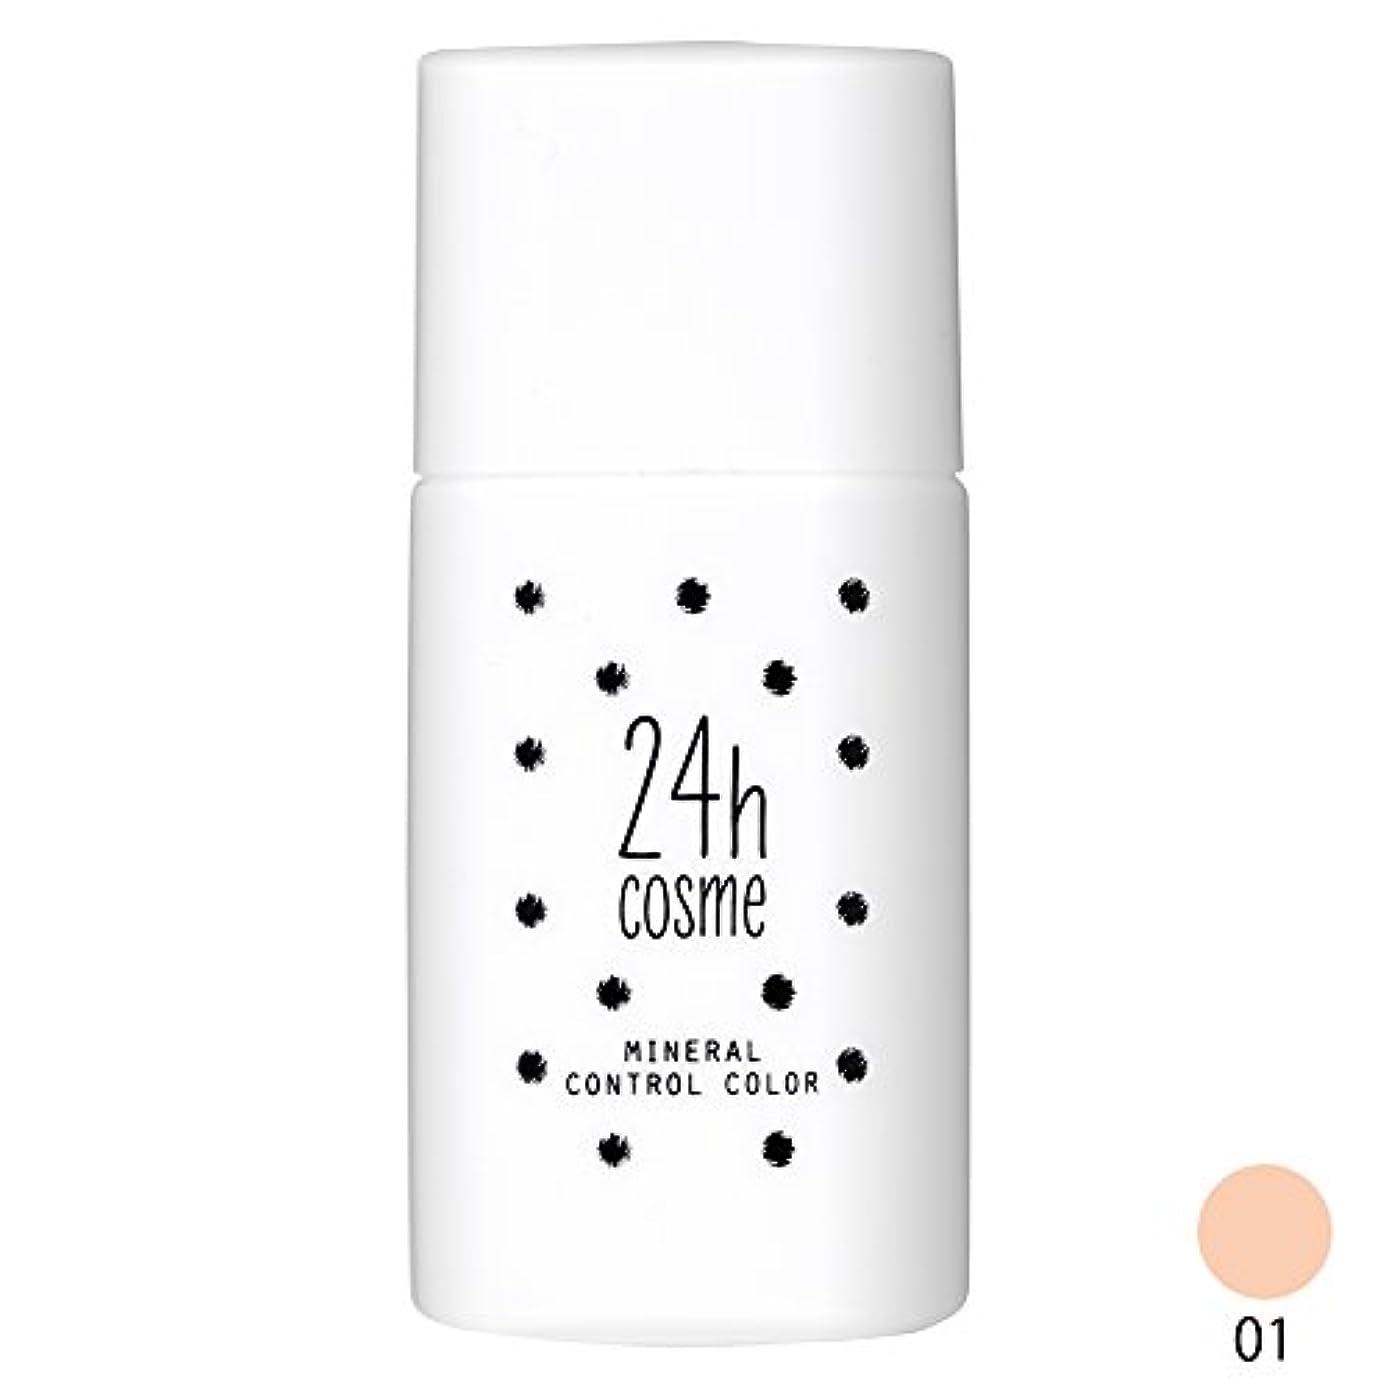 進行中苦悩相対性理論24h cosme 24 コントロールベースカラー 01ブライトピンク 肌に優しい化粧下地 20ml